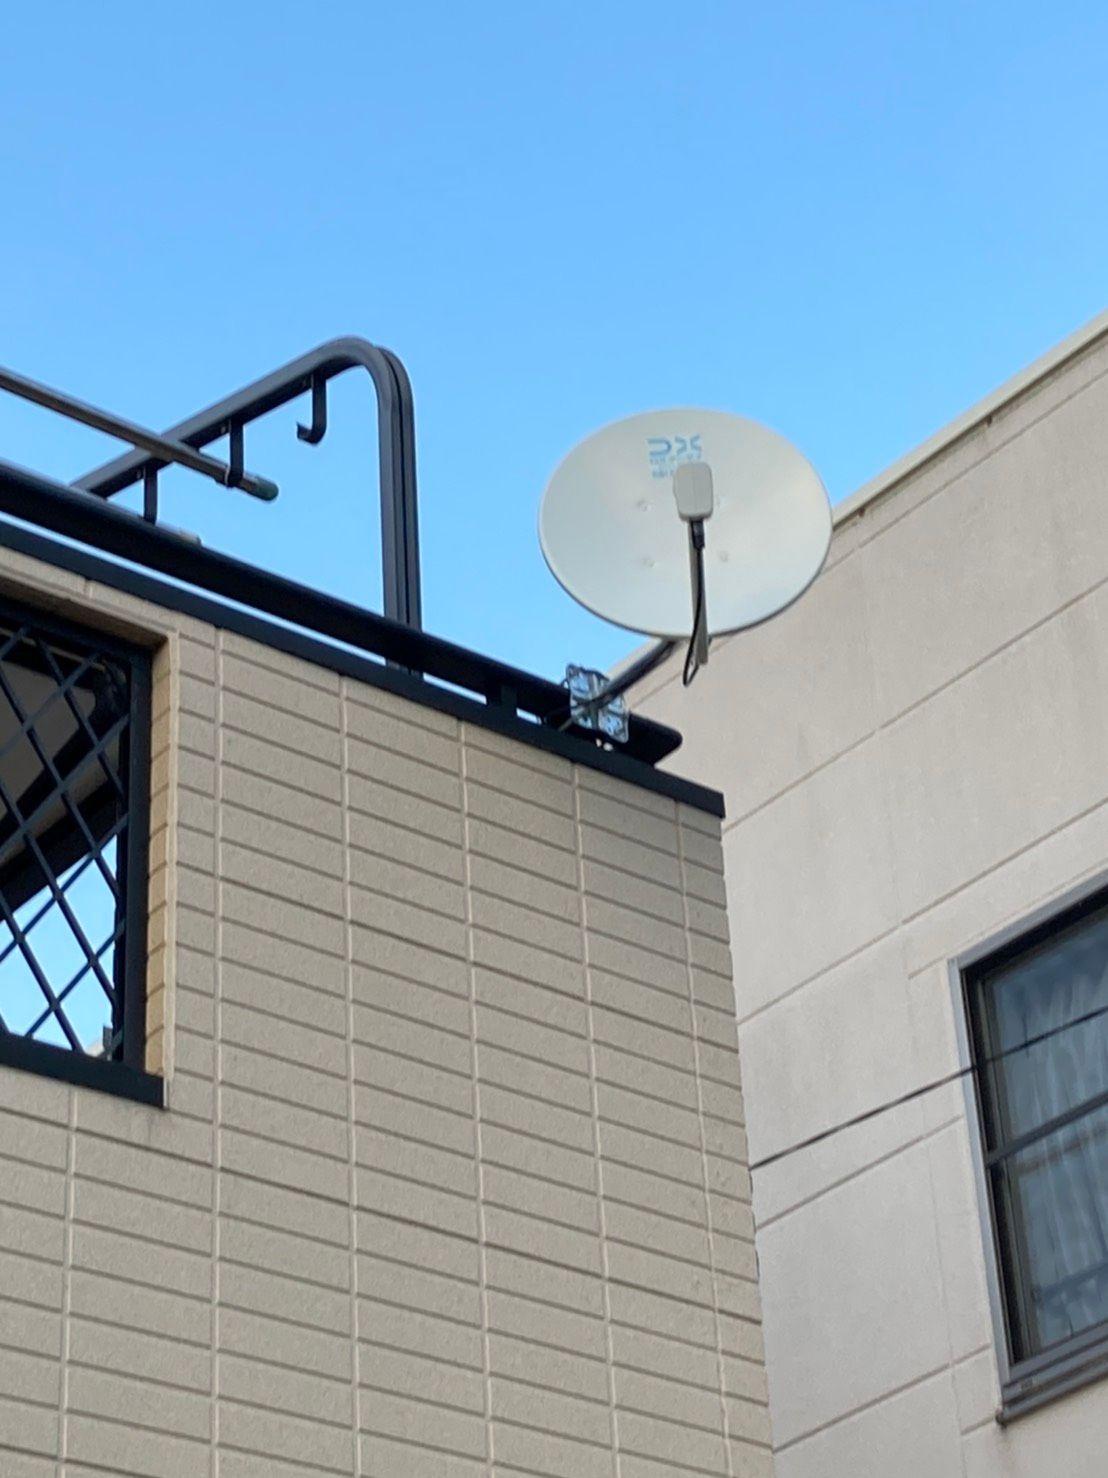 デザインアンテナ(ライトブラウン)壁面設置・4K8KBSアンテナベランダ手摺へ設置(千葉県木更津市)